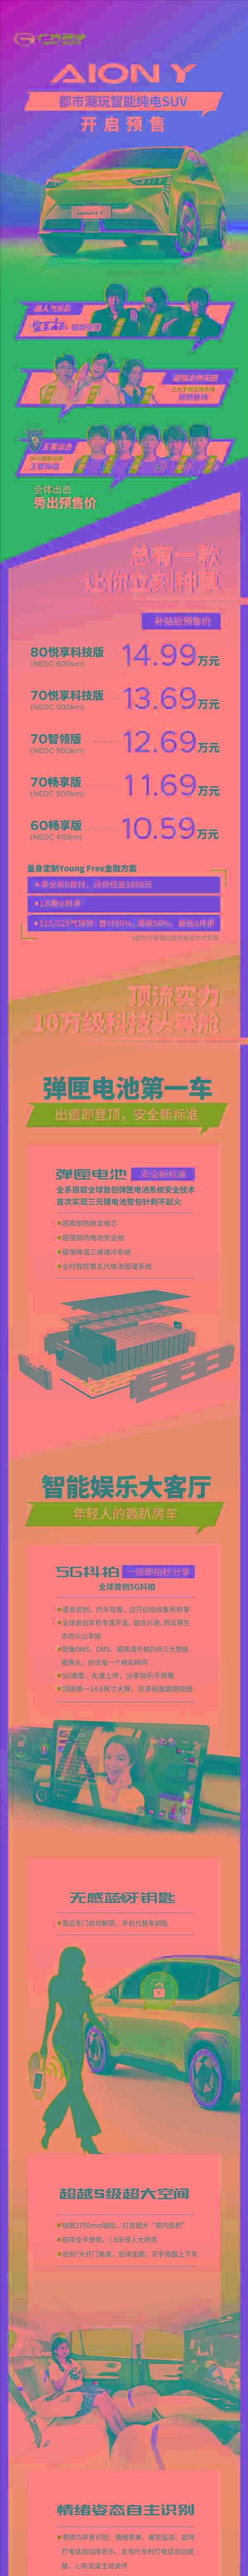 """首搭""""弹匣电池""""针刺不起火!广汽埃安Y开启预售:10.59万起"""